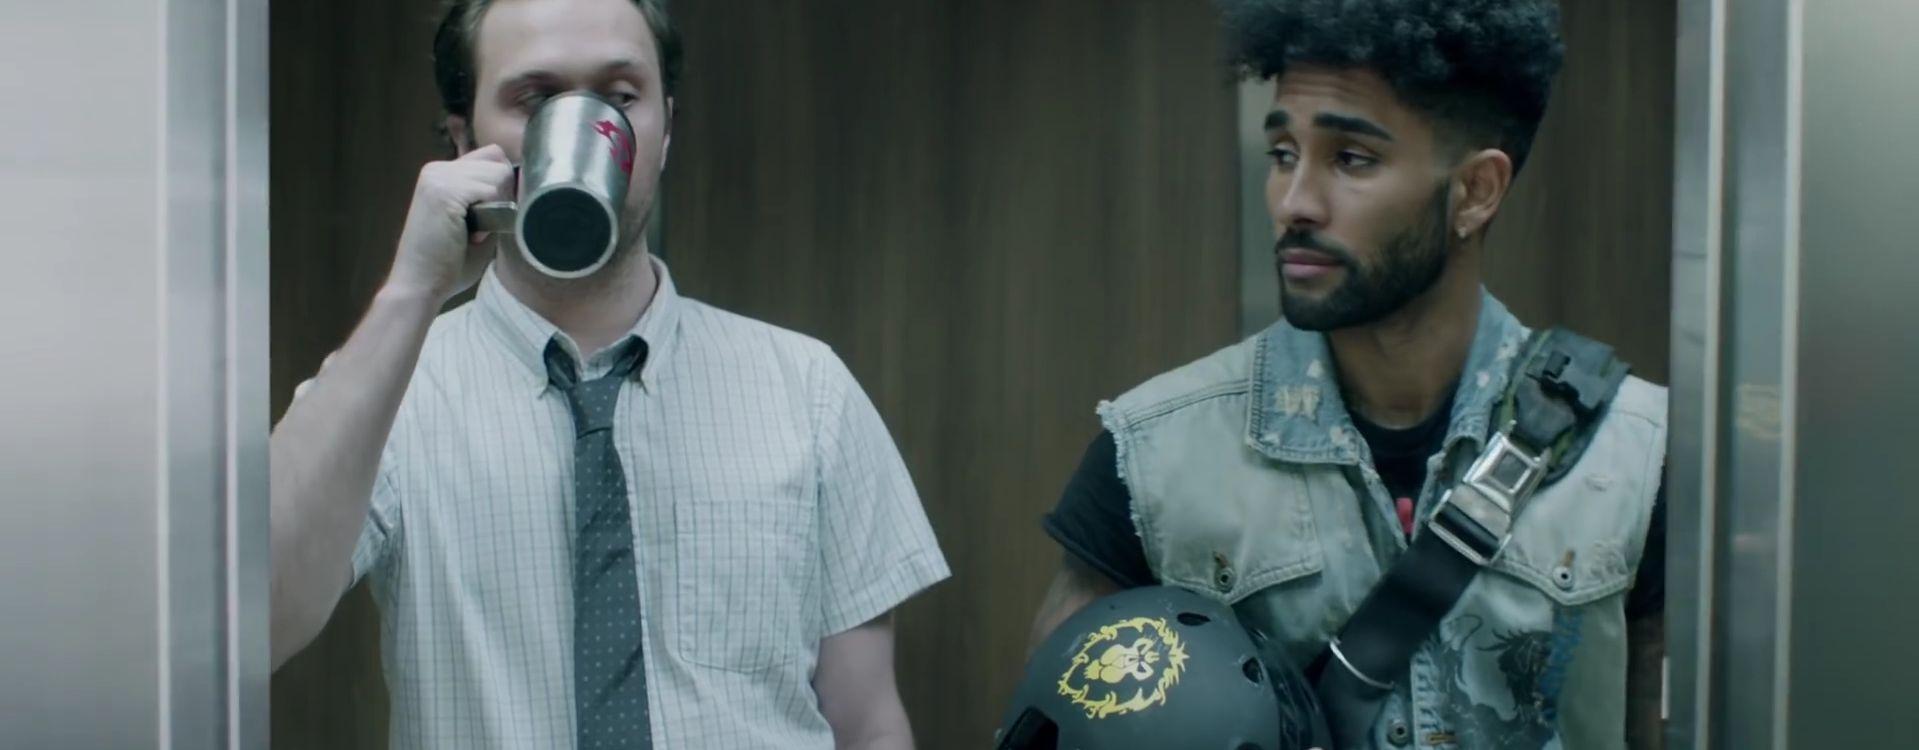 Schaut Euch hier die neuen, lustigen Werbeclips zu WoW: Battle for Azeroth an